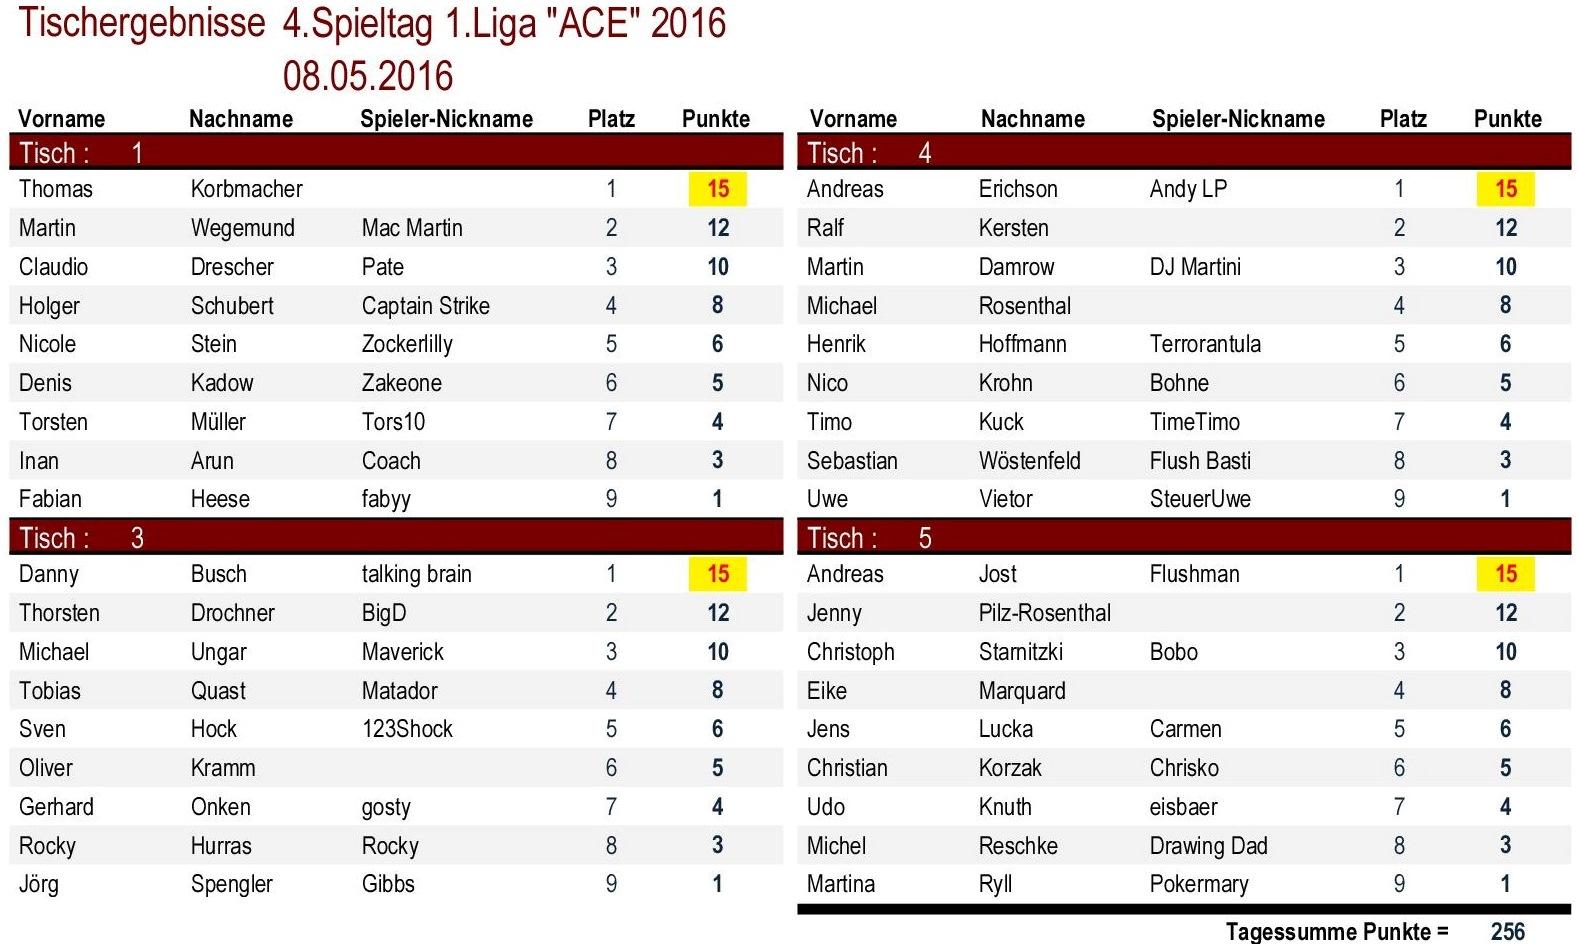 Tischergebnisse 1.Liga `ACE` 4.Spieltag 2016